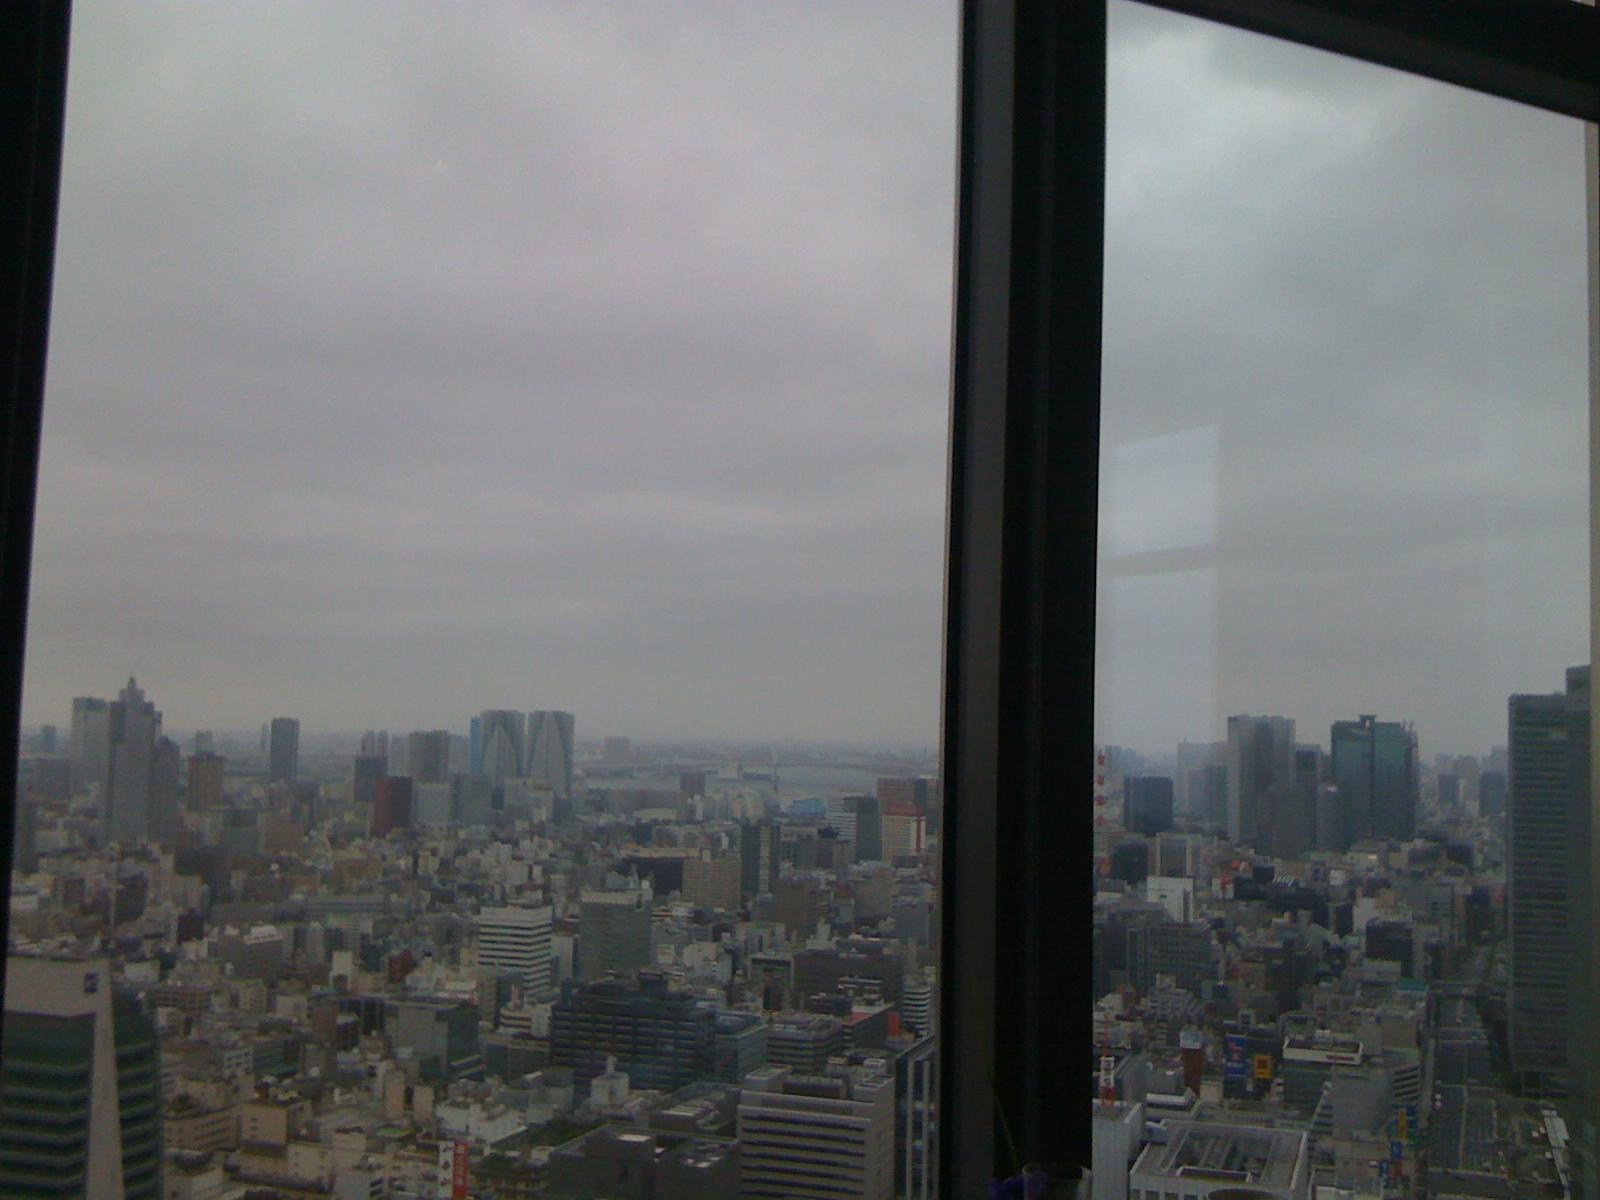 Kshiki_view